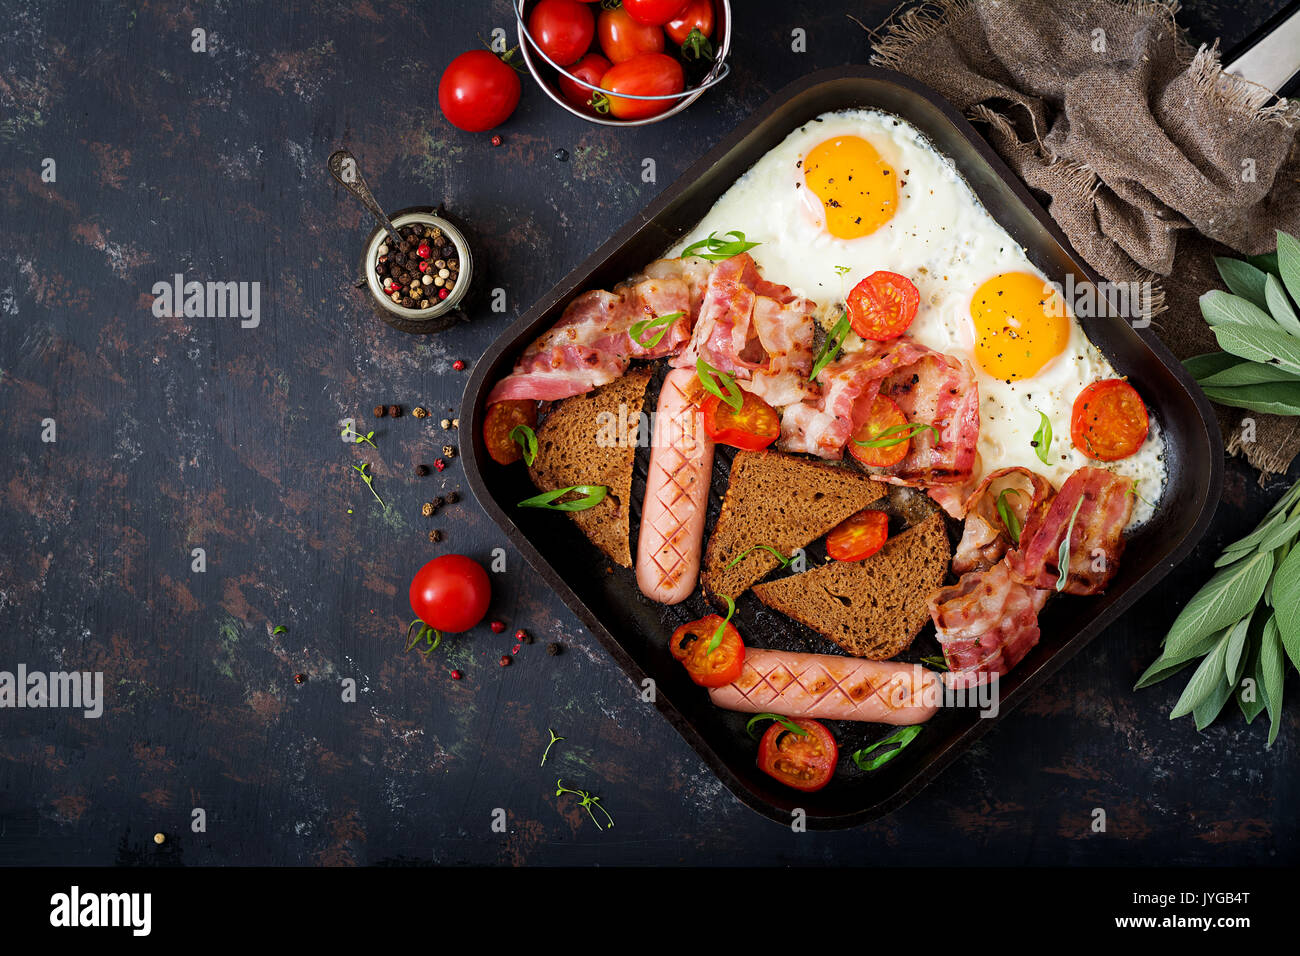 Desayuno inglés, huevos fritos, salchichas, tomates, tocino y pan tostado. Vista desde arriba. Sentar plana Imagen De Stock